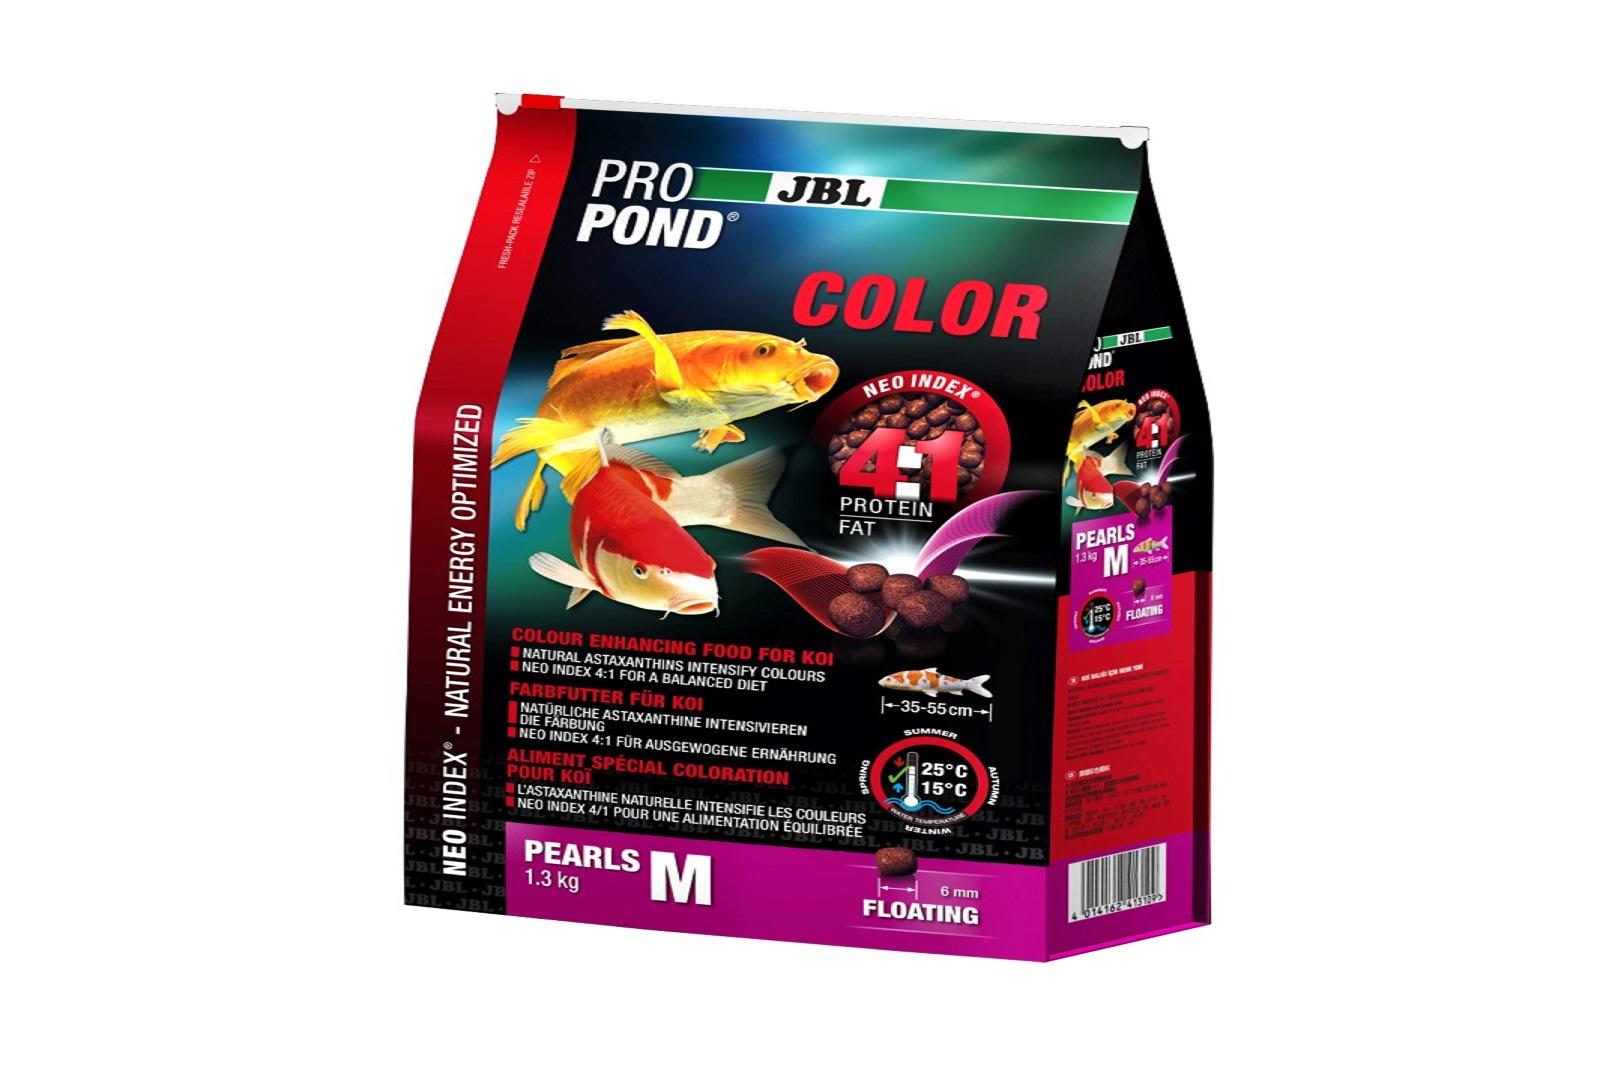 JBL ProPond Color M  Farbfutter 1,3 Kg  für mittlere Koi